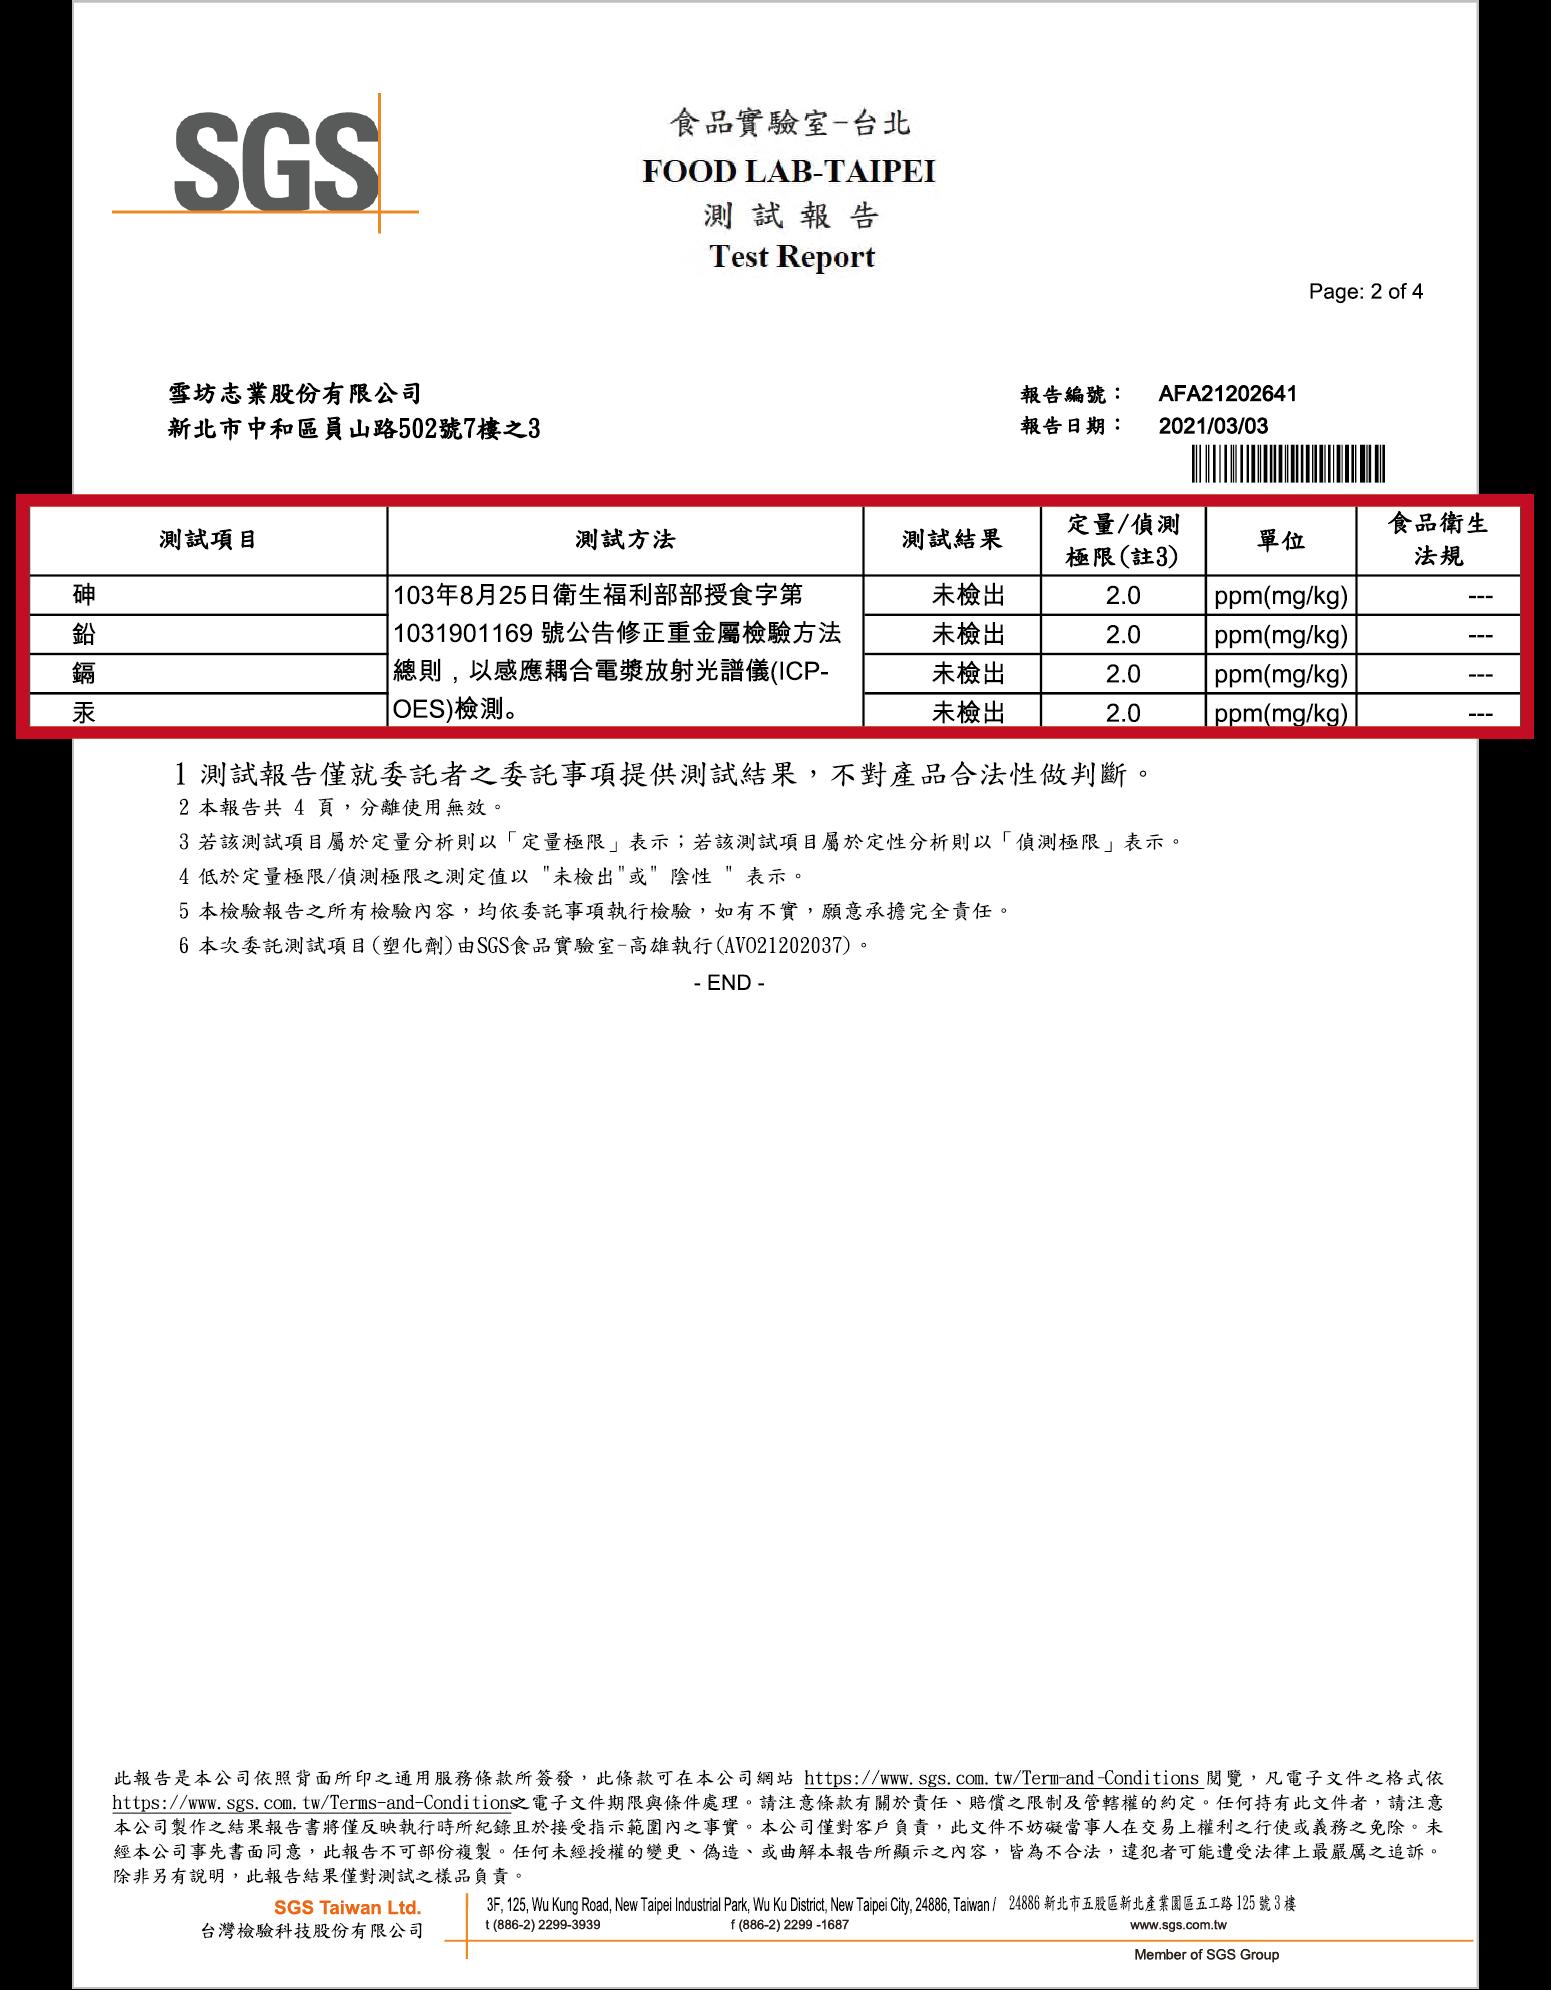 重金屬檢驗_未檢出